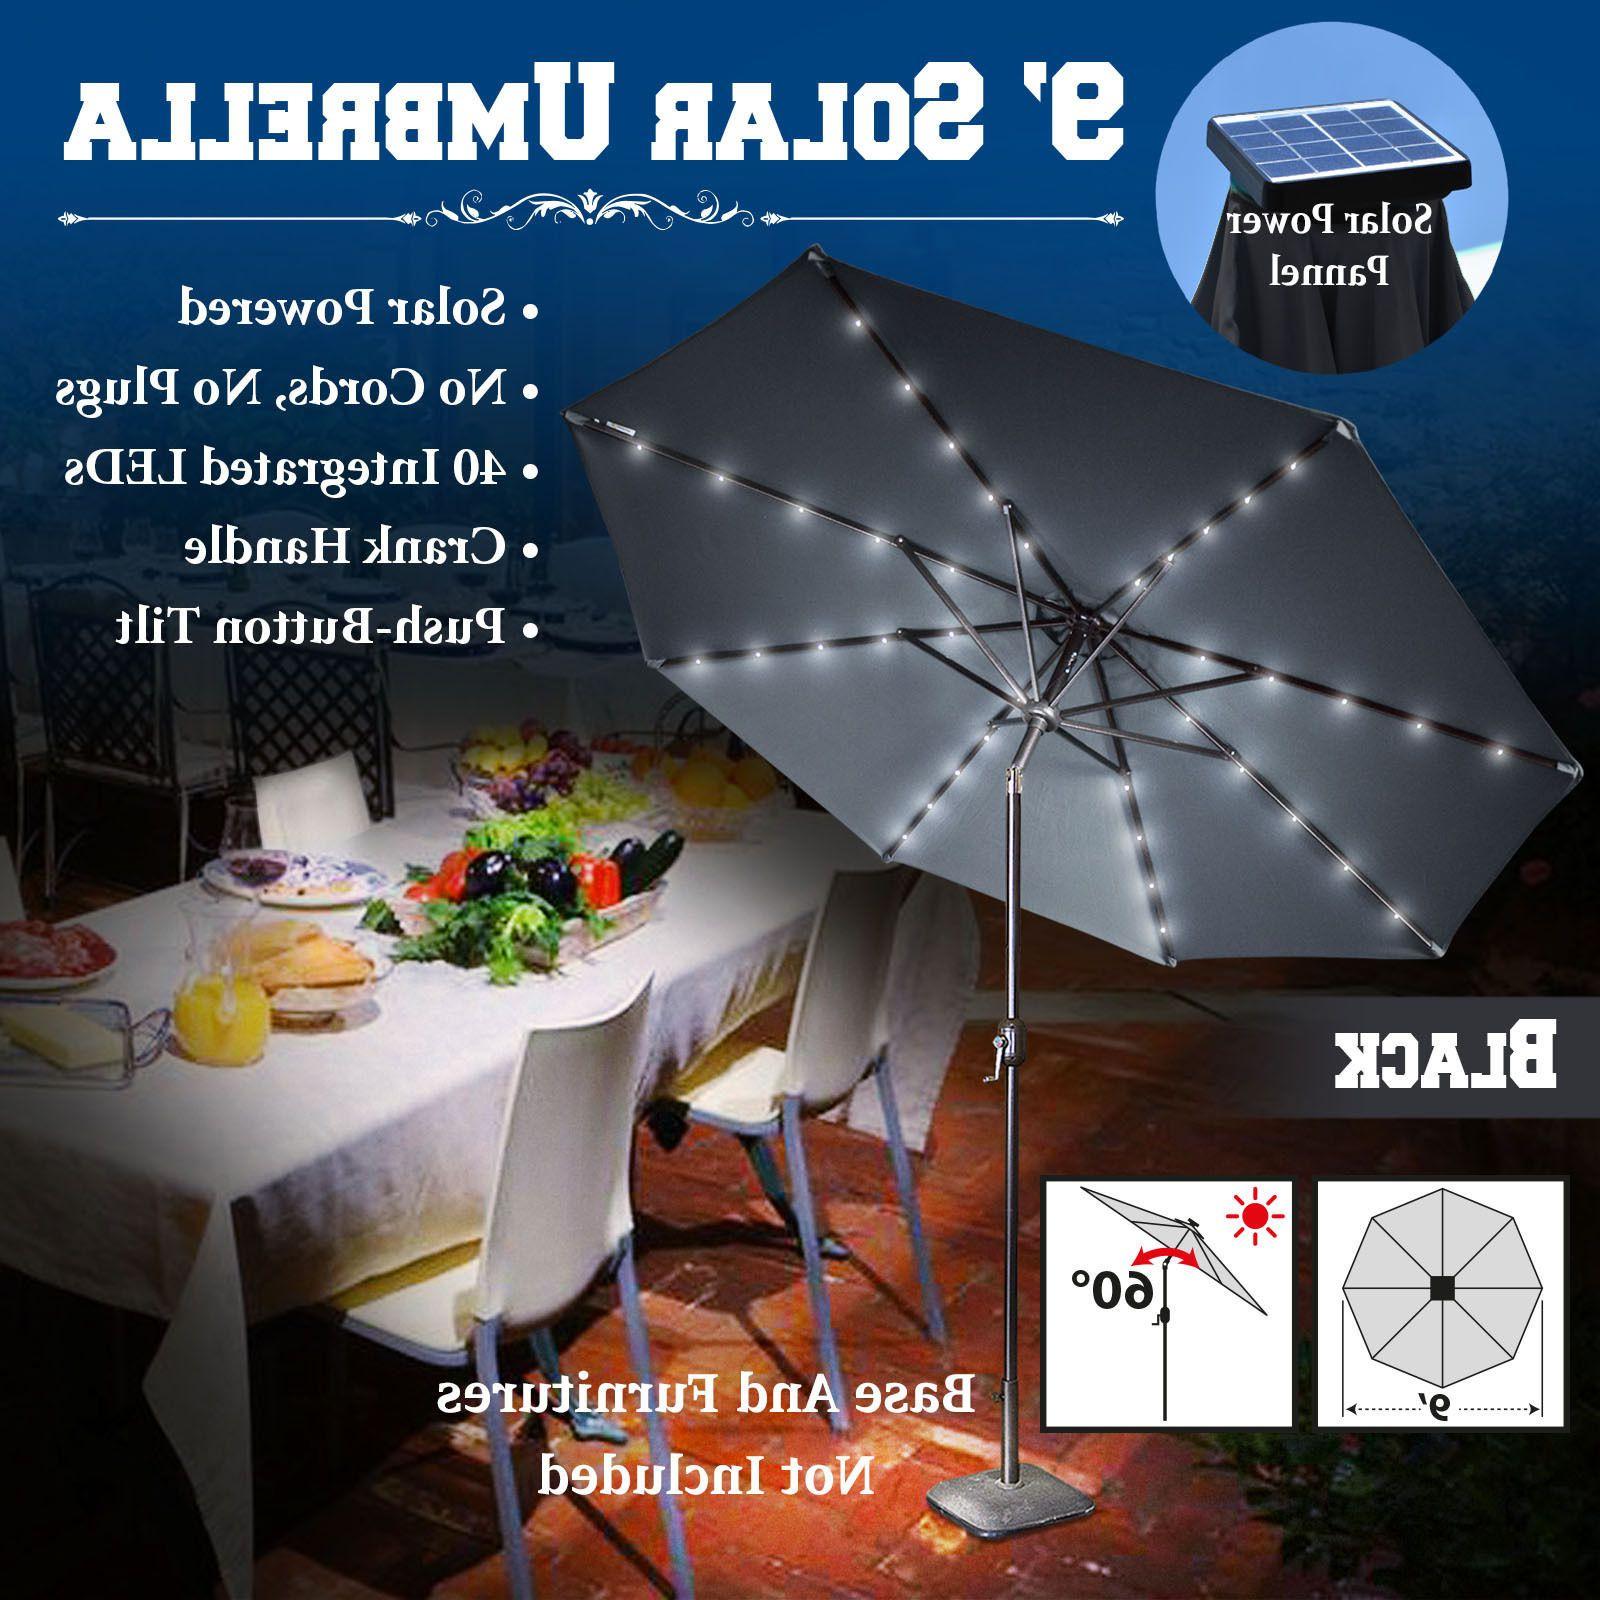 Outdoor Sun Shade, Umbrella For Most Popular Wiechmann Push Tilt Market Sunbrella Umbrellas (View 14 of 20)